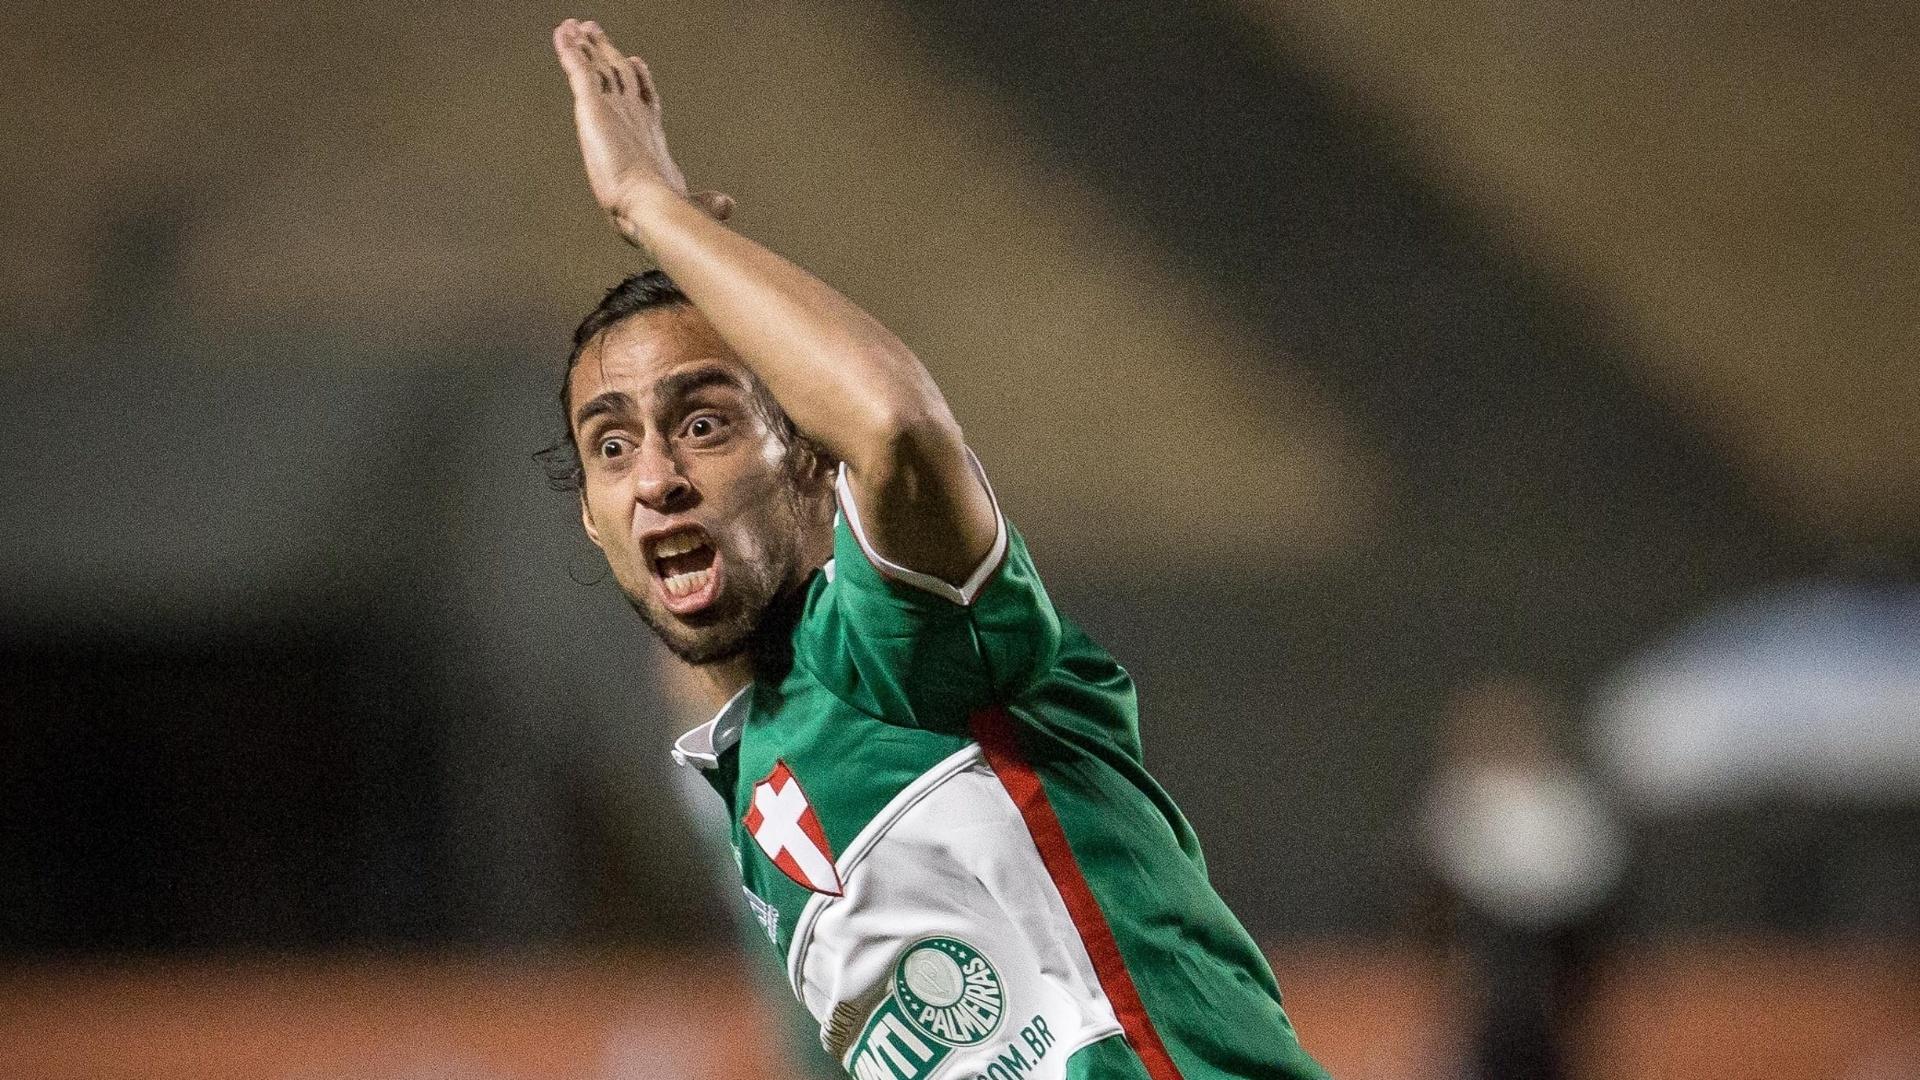 Valdivia reclama de lance na partida contra a Chapecoense